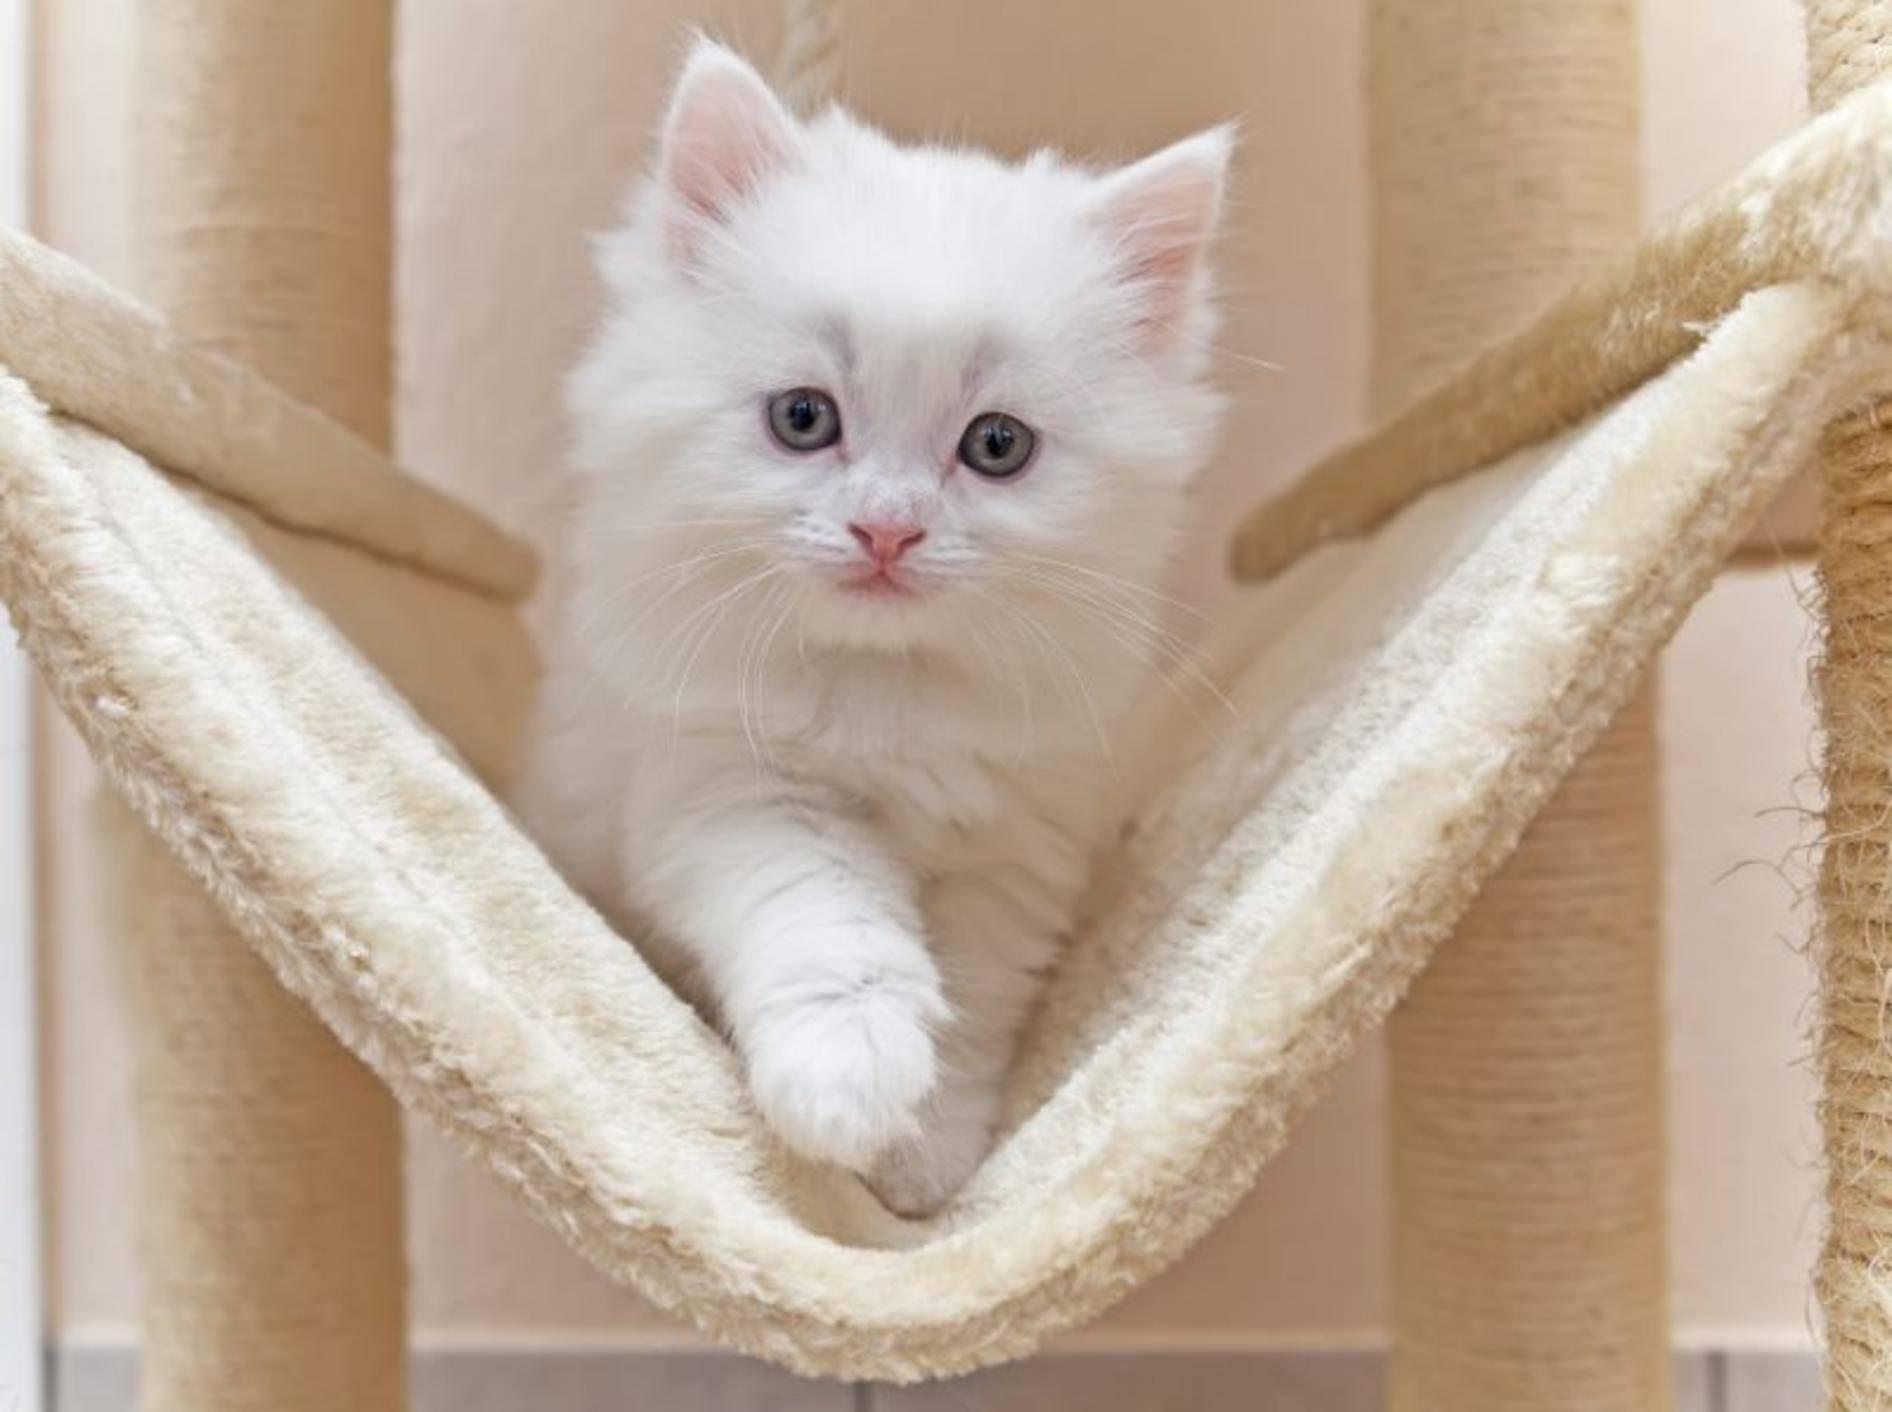 Katzenspielzeug für gute Laune und gegen Wintermüdigkeit — Bild: Shutterstock / Gena96